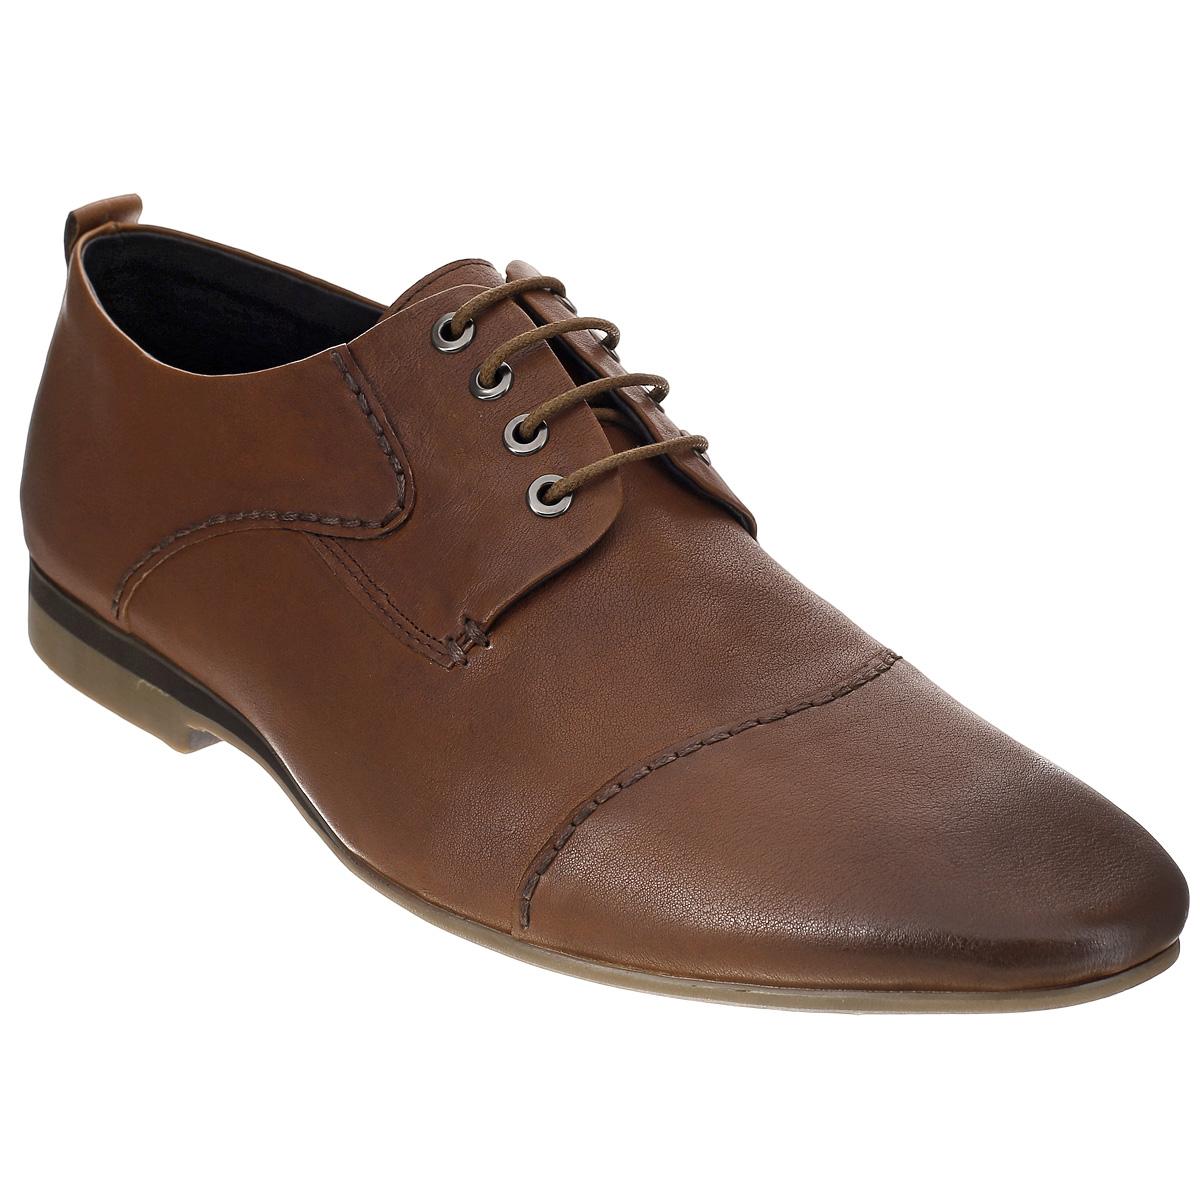 Туфли мужские. 102-91-56102-91-56Элегантные мужские туфли от Dino Ricci займут достойное место среди вашей коллекции обуви. Модель выполнена из натуральной высококачественной кожи и декорирована задним наружным ремнем. Сбоку и на носке изделие оформлено внешними декоративными швами. Шнуровка позволяет прочно зафиксировать обувь на ноге. Стелька из натуральной кожи оснащена перфорацией, позволяющей вашим ногам дышать. Каблук и подошва с рифлением в виде оригинального рисунка обеспечивают отличное сцепление с поверхностью. Стильные туфли прекрасно дополнят ваш деловой образ.